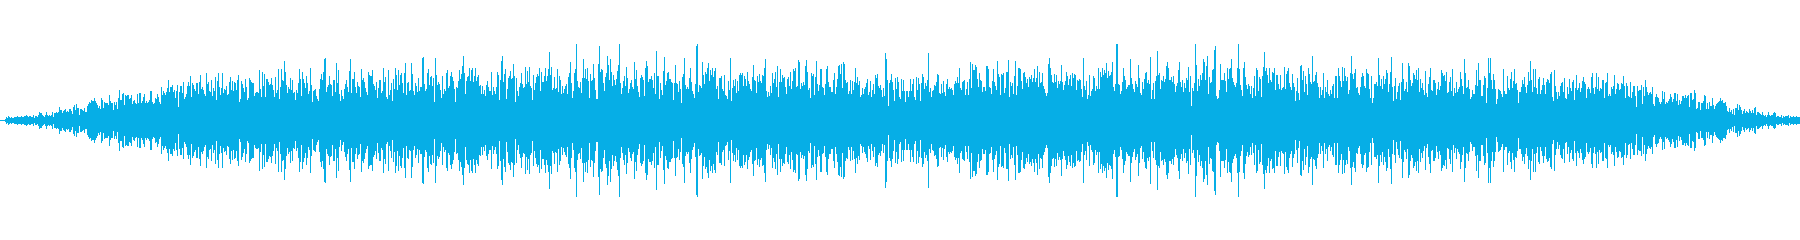 モンスターゴーストコウモリの再生済みの波形